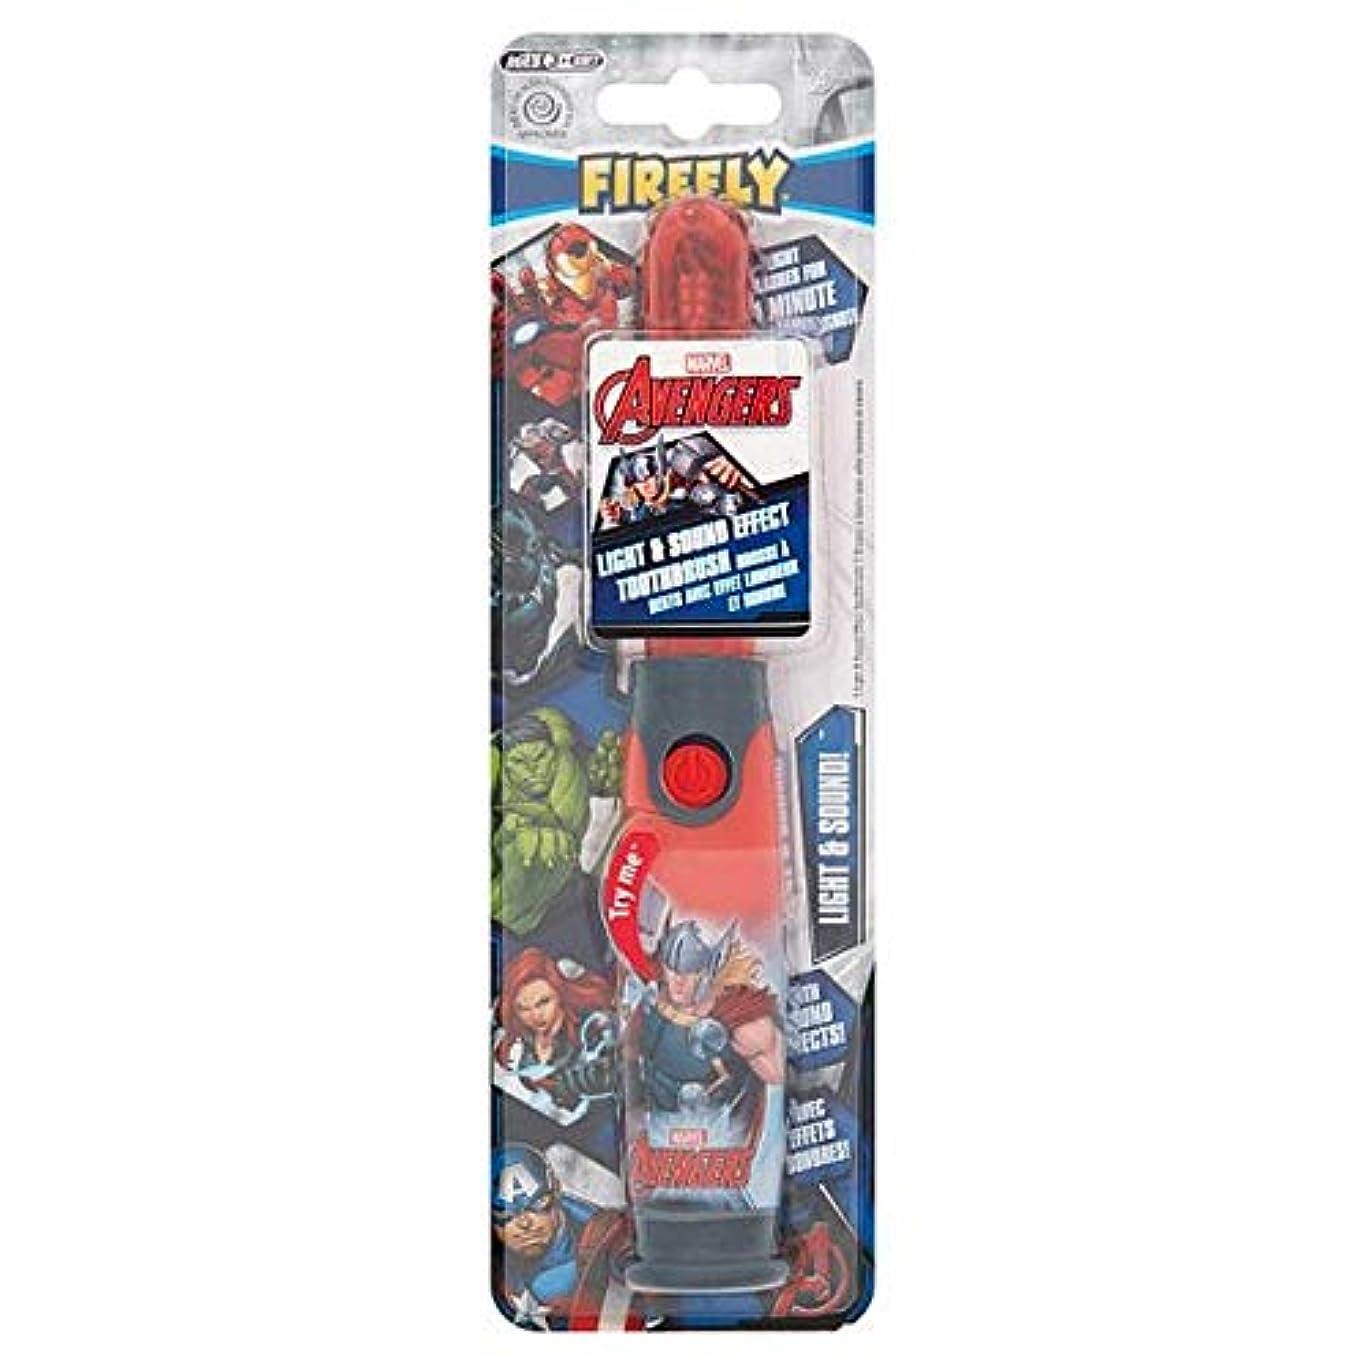 独裁存在する量[Firefly ] アベンジャーズホタルの光と音の歯ブラシ - Avengers Firefly Light And Sound Toothbrush [並行輸入品]